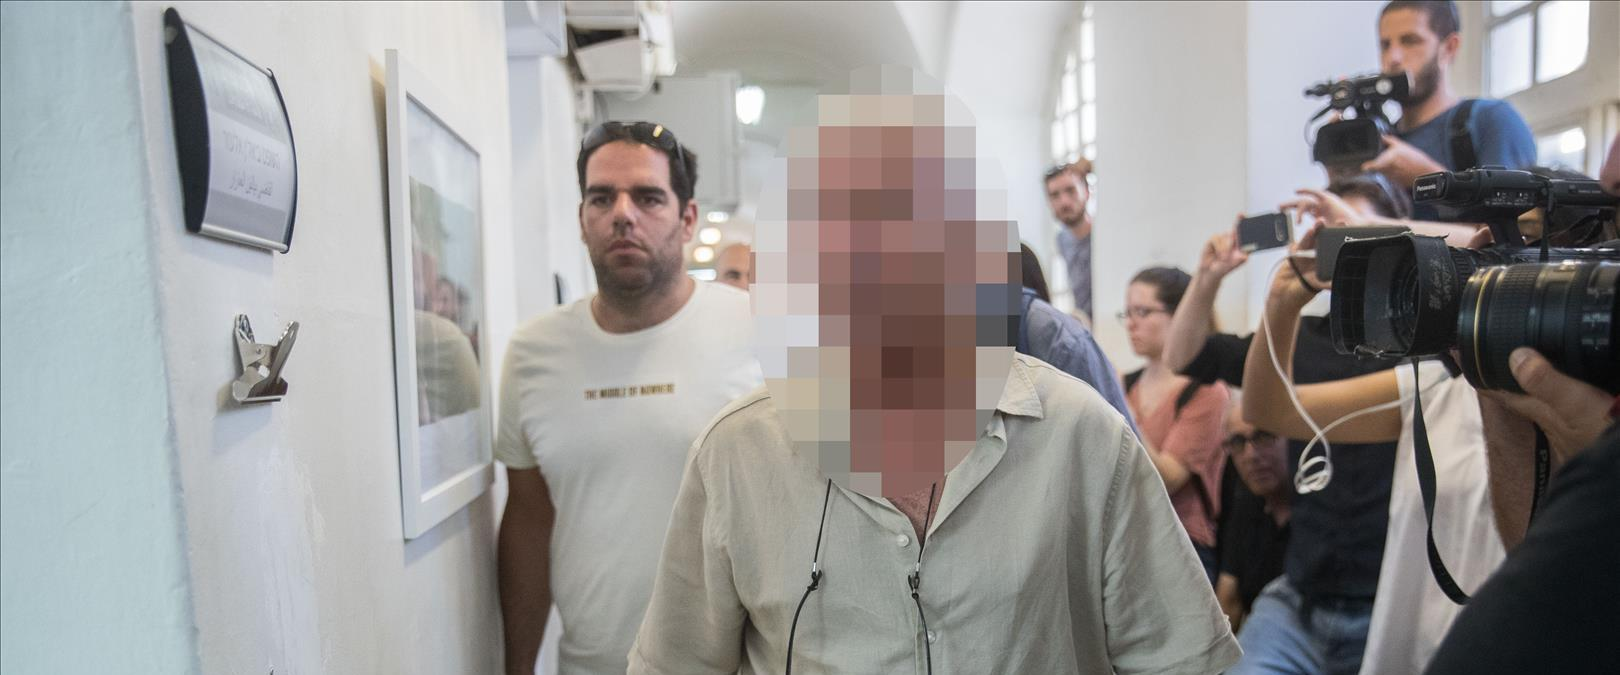 החשד לשחיתות בעיריית ירושלים